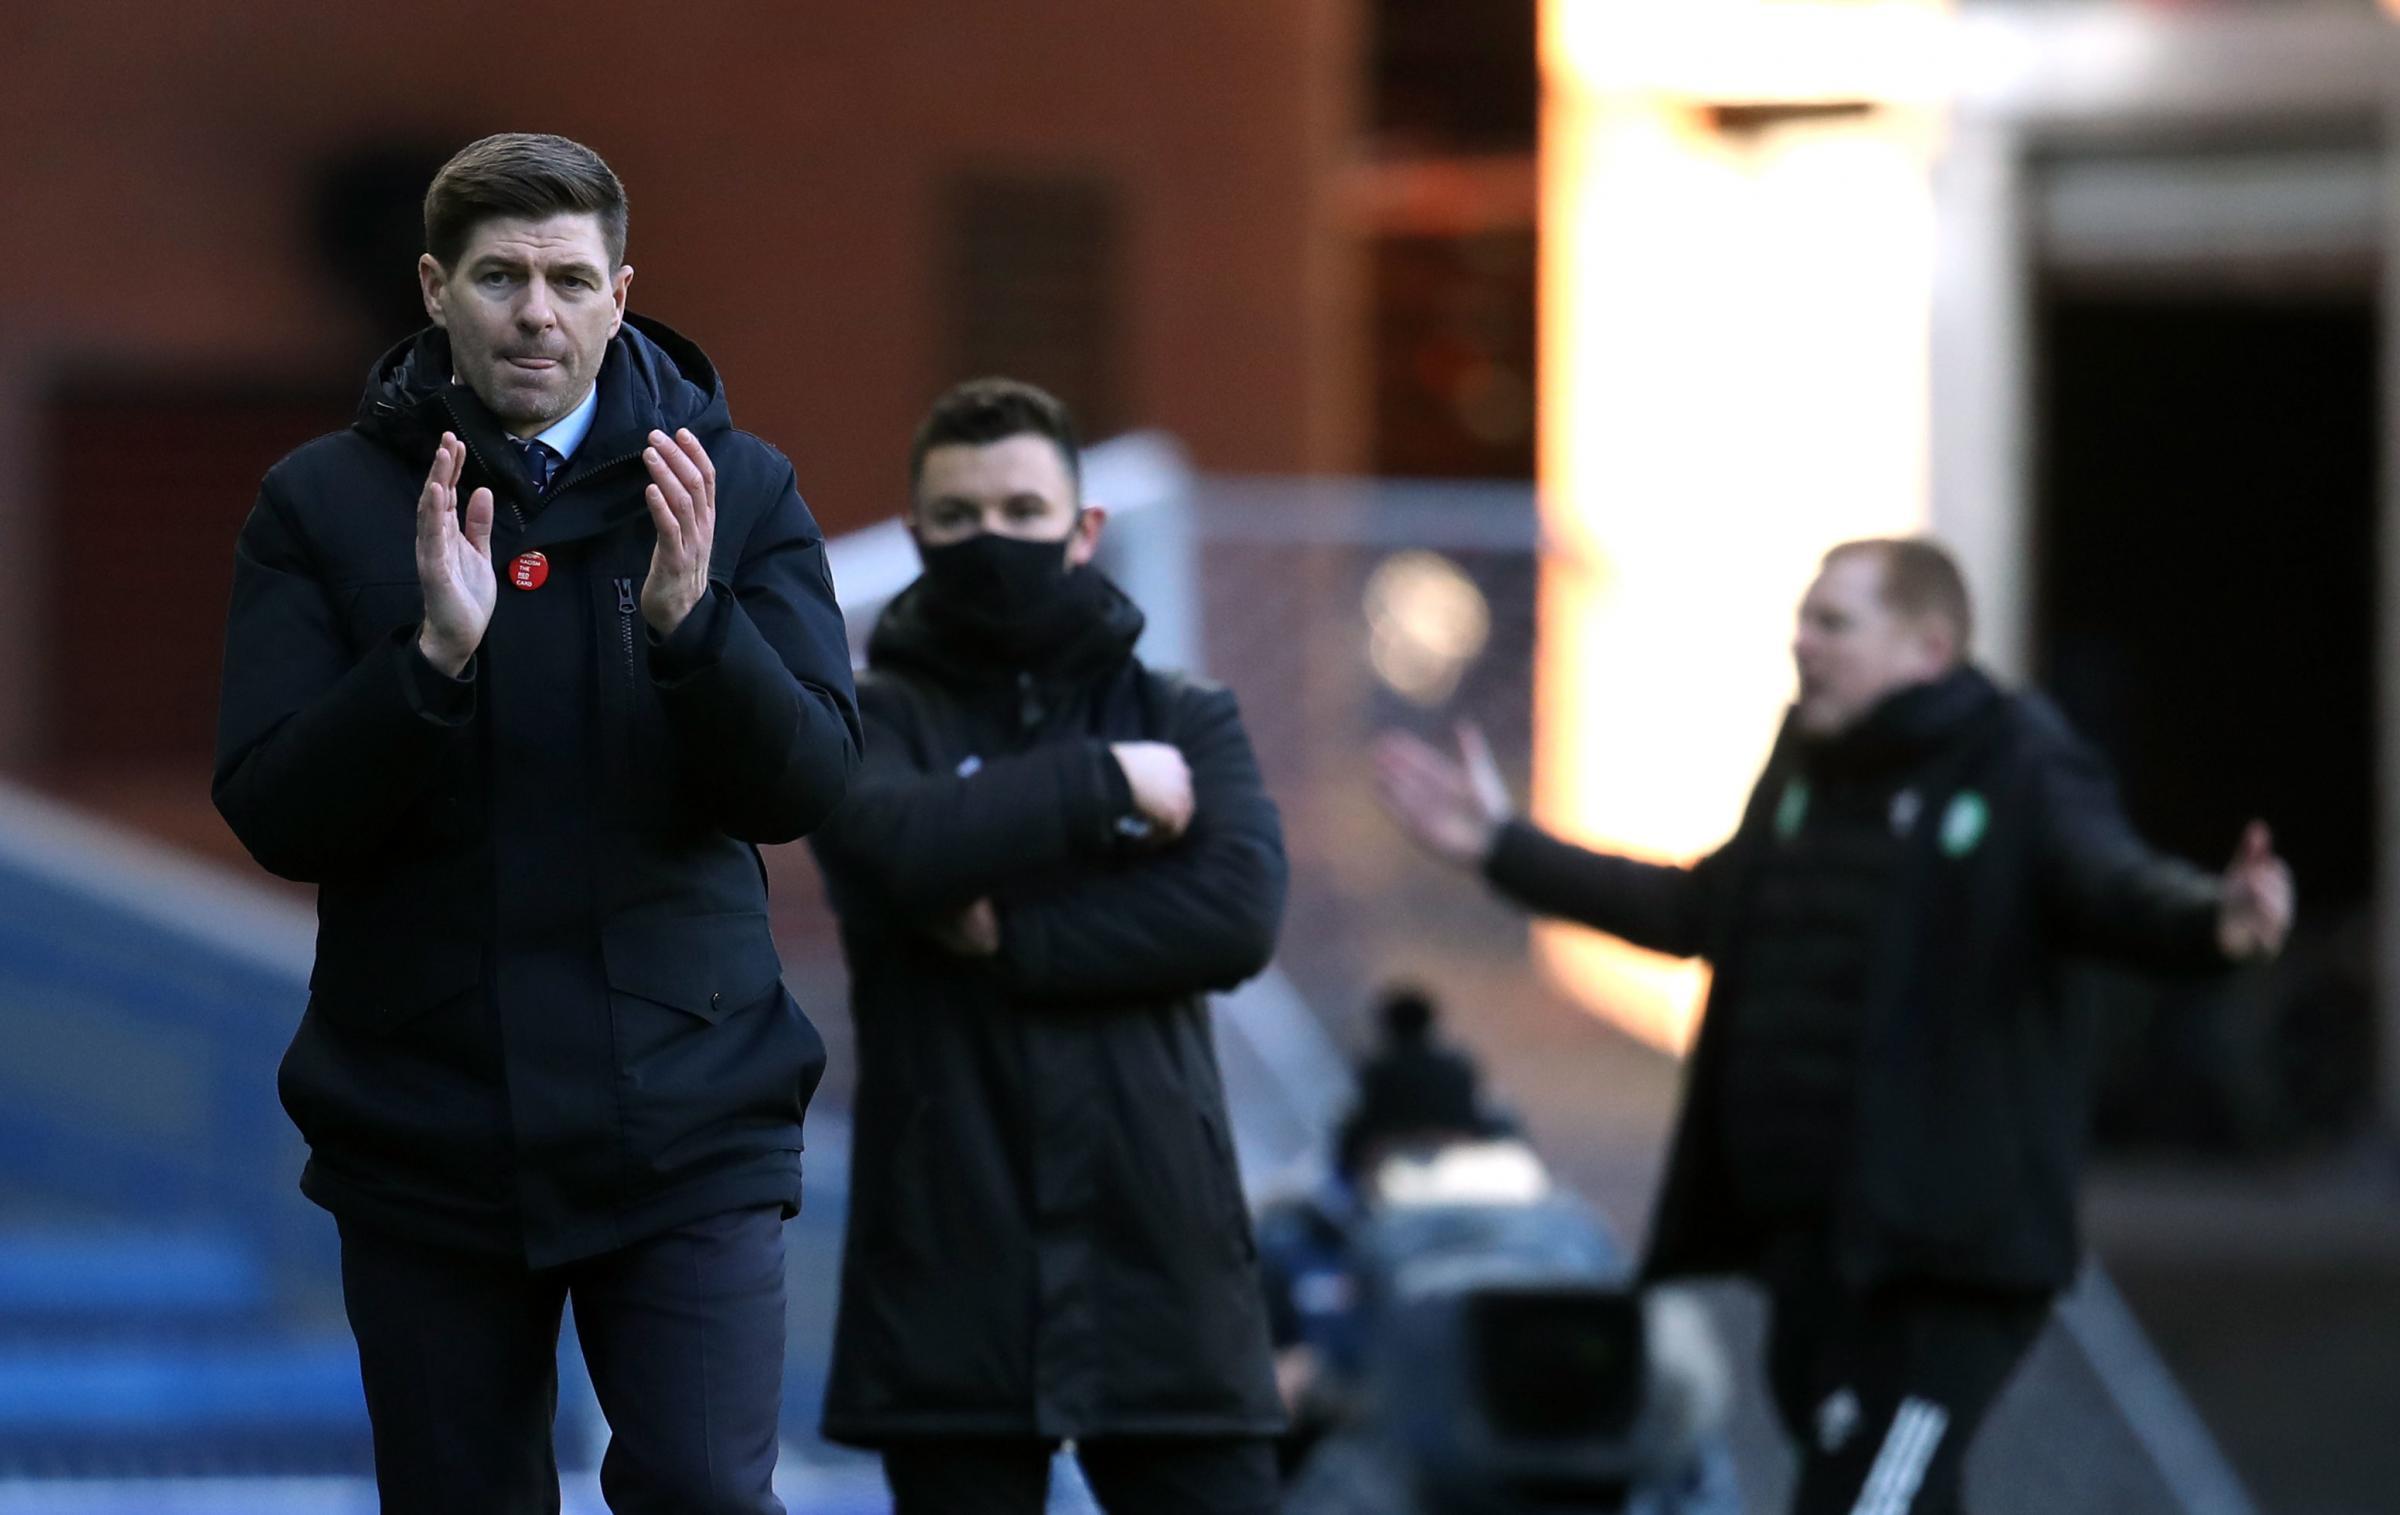 Ally McCoist on the 'unbelievable' effect a Rangers title win will have on fans as Steven Gerrard's side near Premiership glory